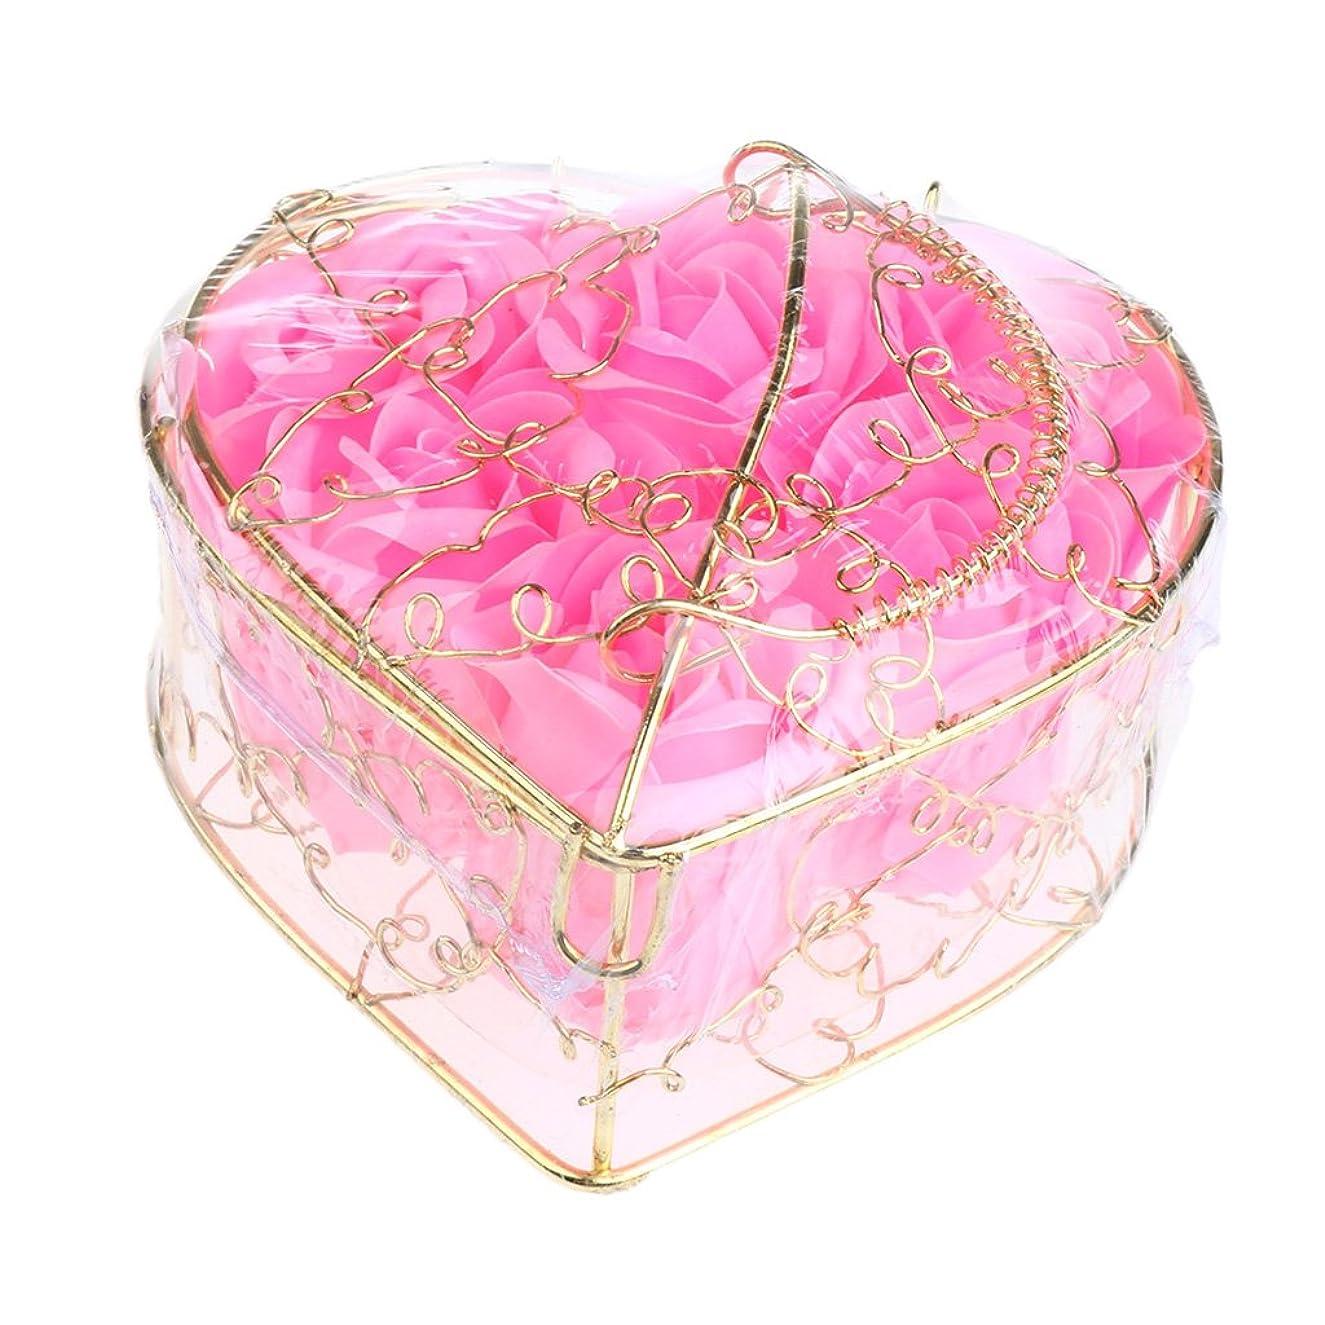 ストリップ蘇生する残るIPOTCH 6個 ソープフラワー 石鹸花 造花 バラ フラワー ギフトボックス 誕生日 母の日 記念日 先生の日 プレゼント 全5仕様選べる - ピンク